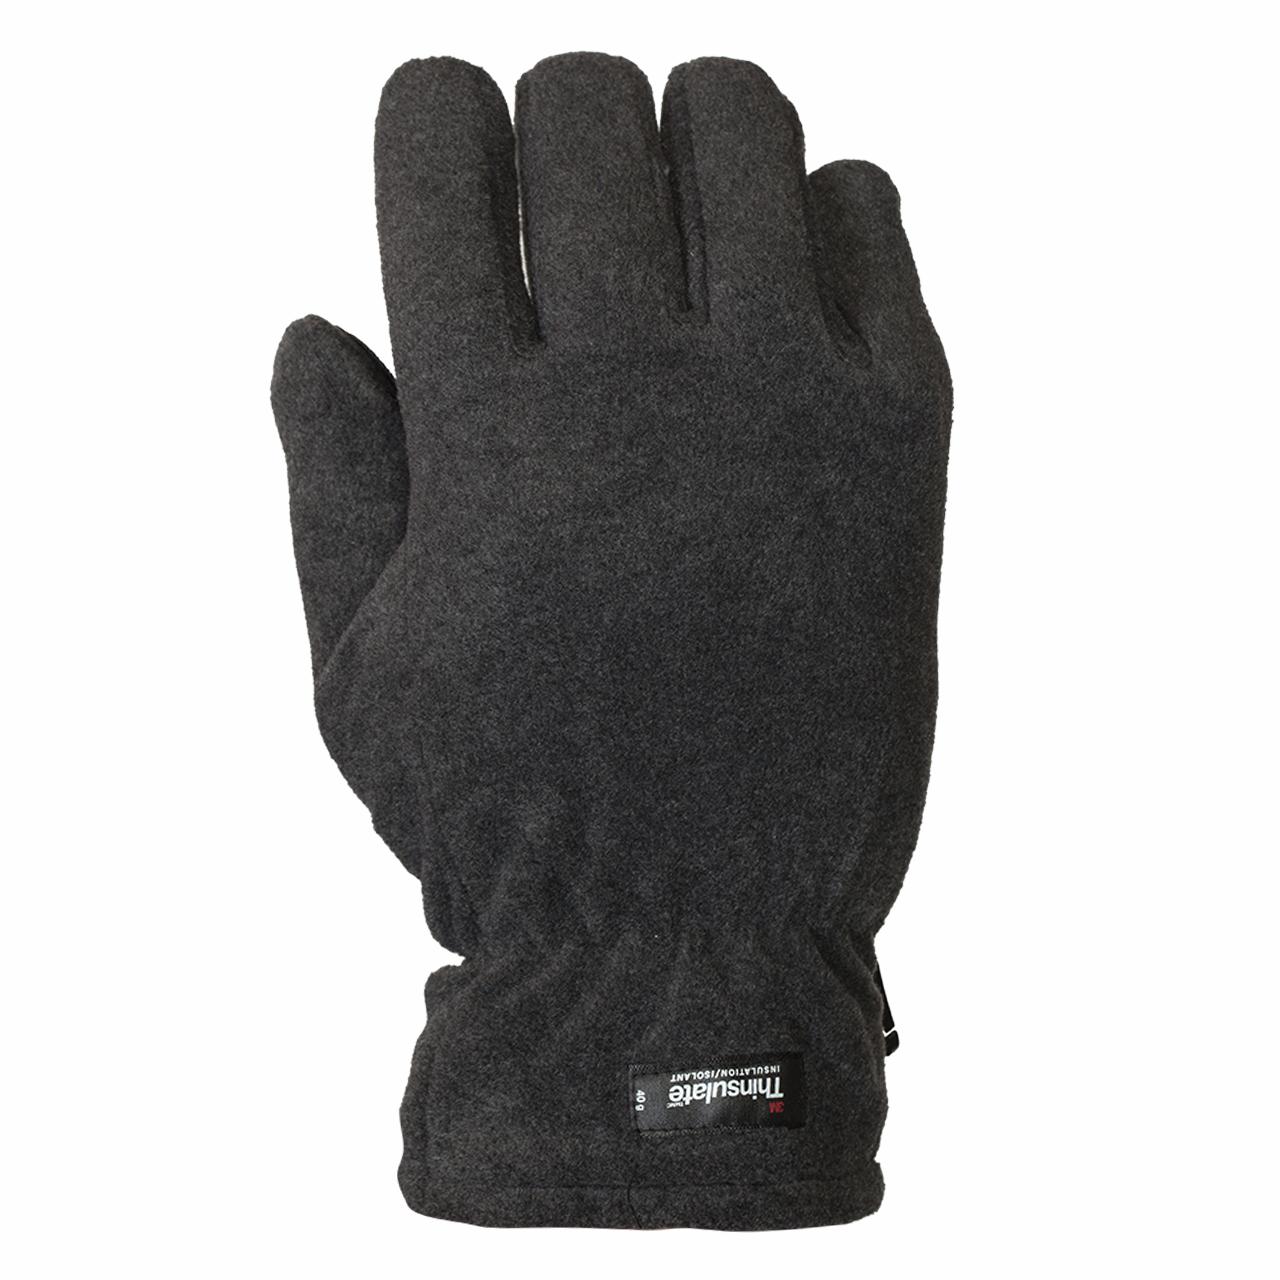 Серые флисовые перчатки Thinsulate